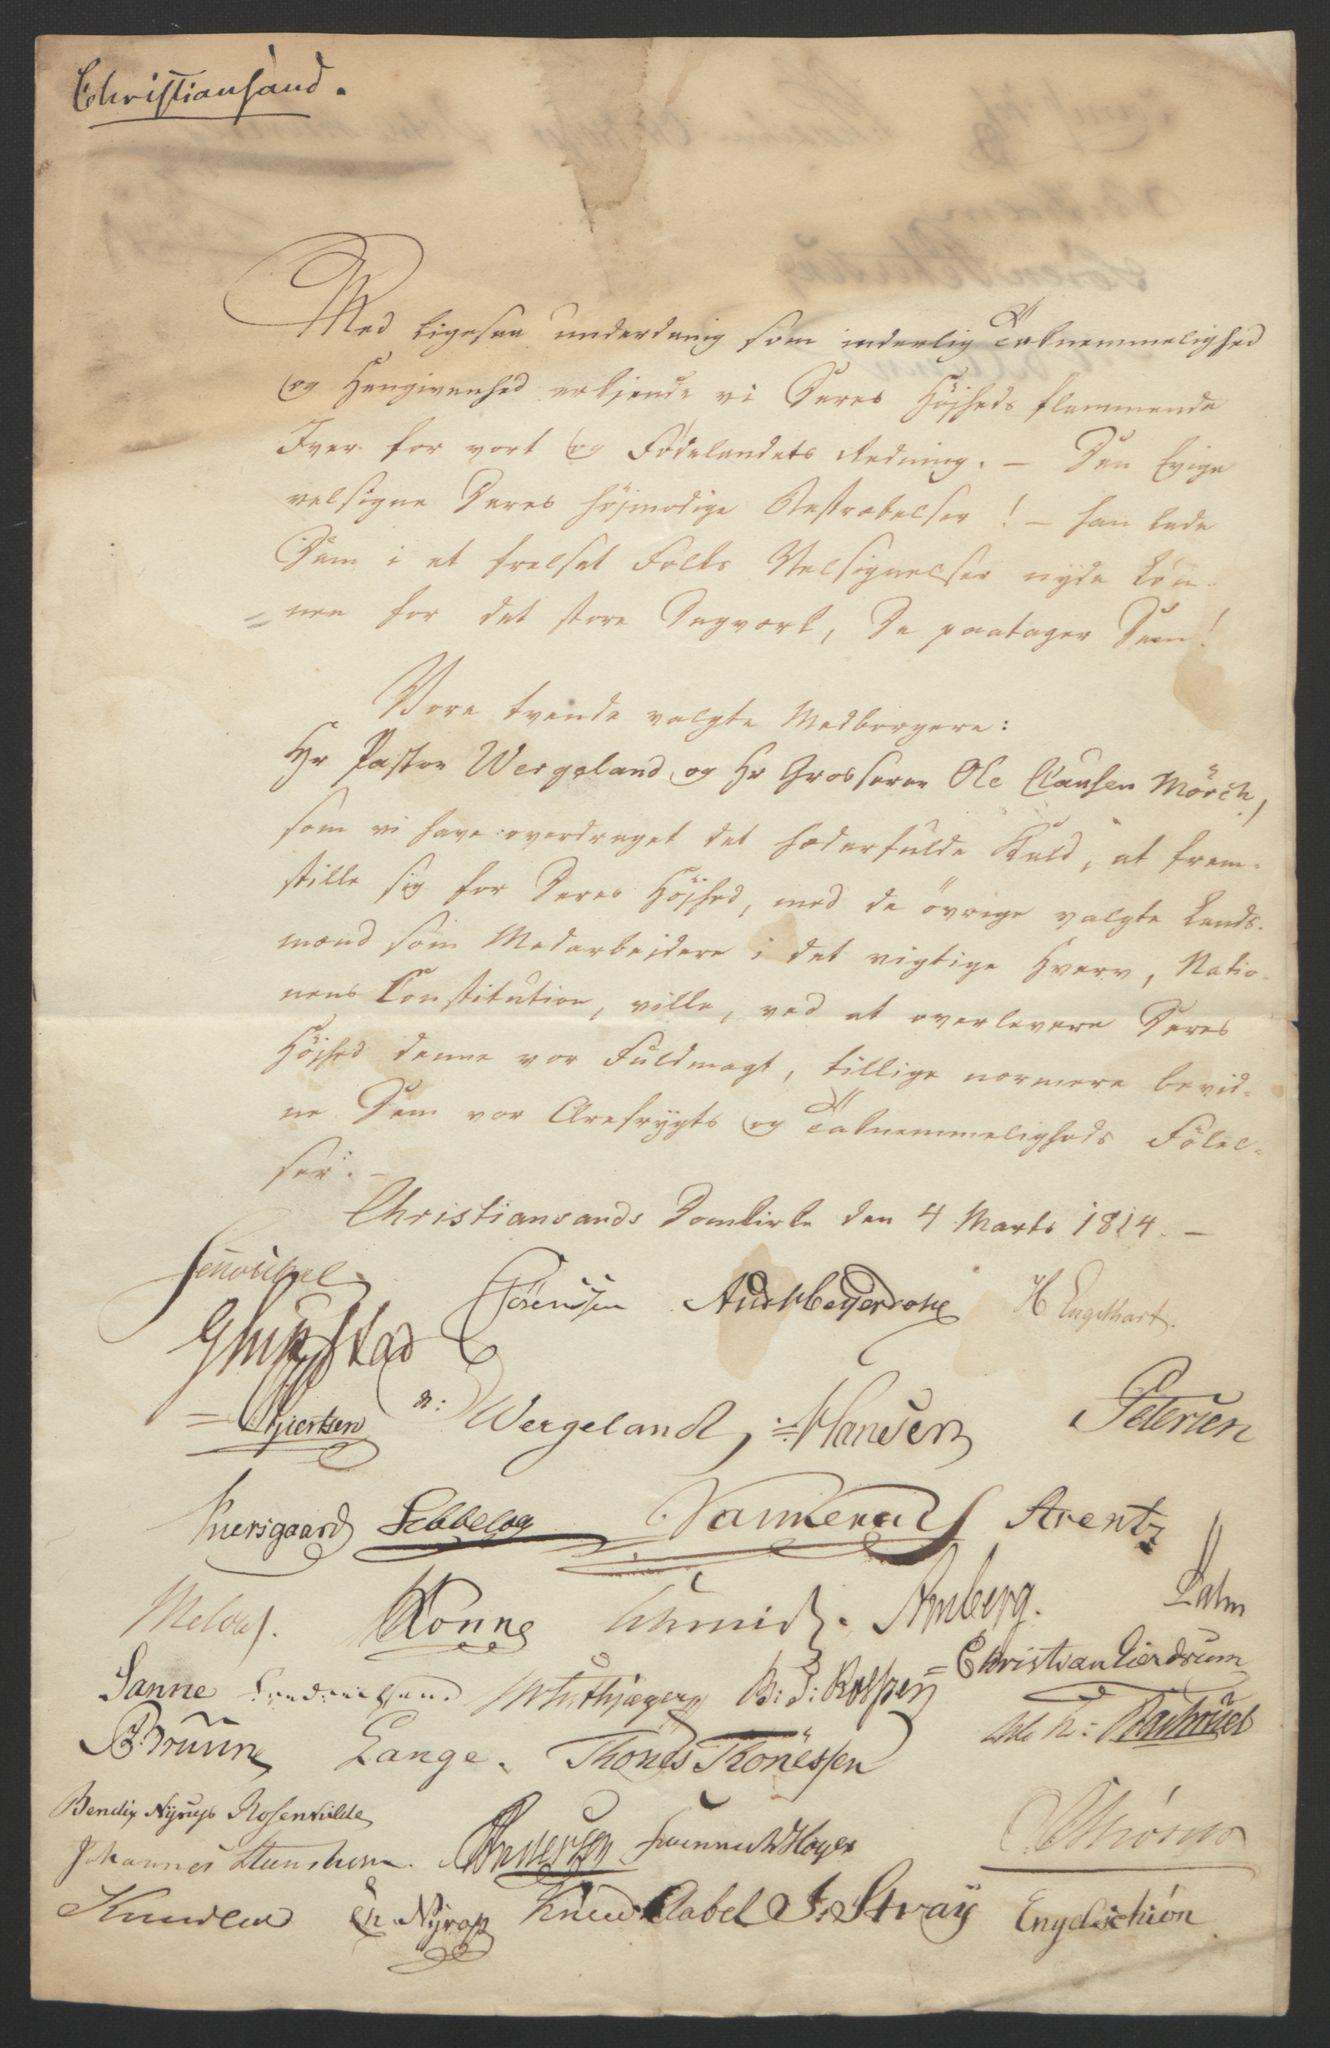 RA, Statsrådssekretariatet, D/Db/L0007: Fullmakter for Eidsvollsrepresentantene i 1814. , 1814, s. 57